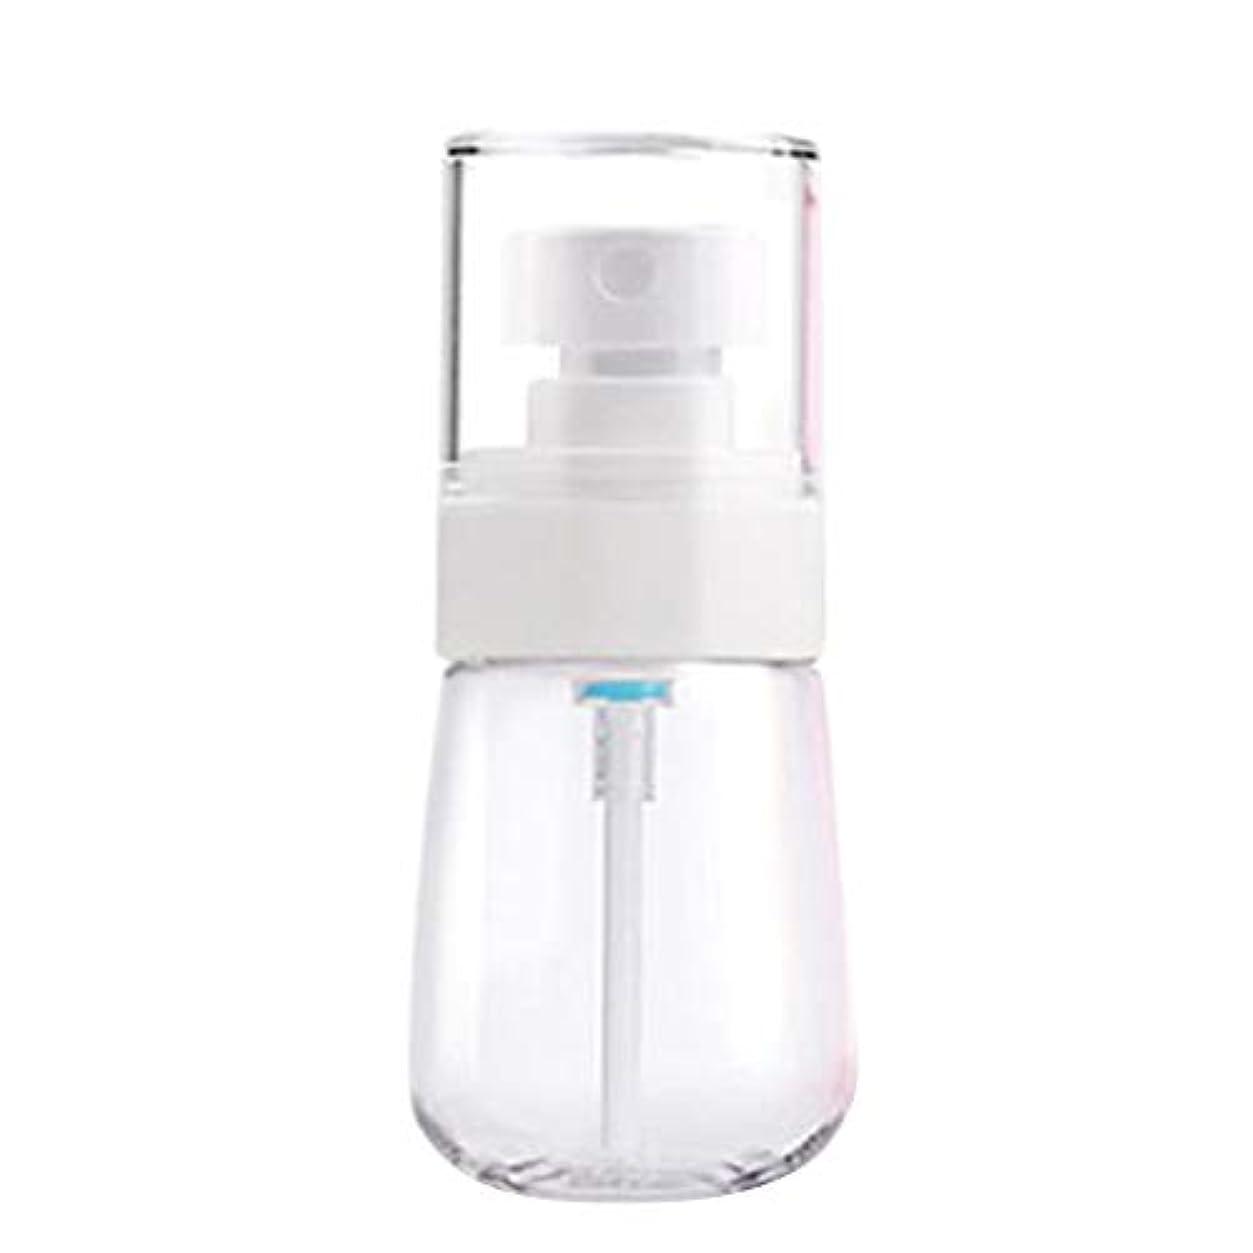 壊す散髪きらめきVi.yo 小分けボトル スプレーボトル トラベルボトル 化粧水 詰替用ボトル 携帯用 旅行 出張 100ml 透明